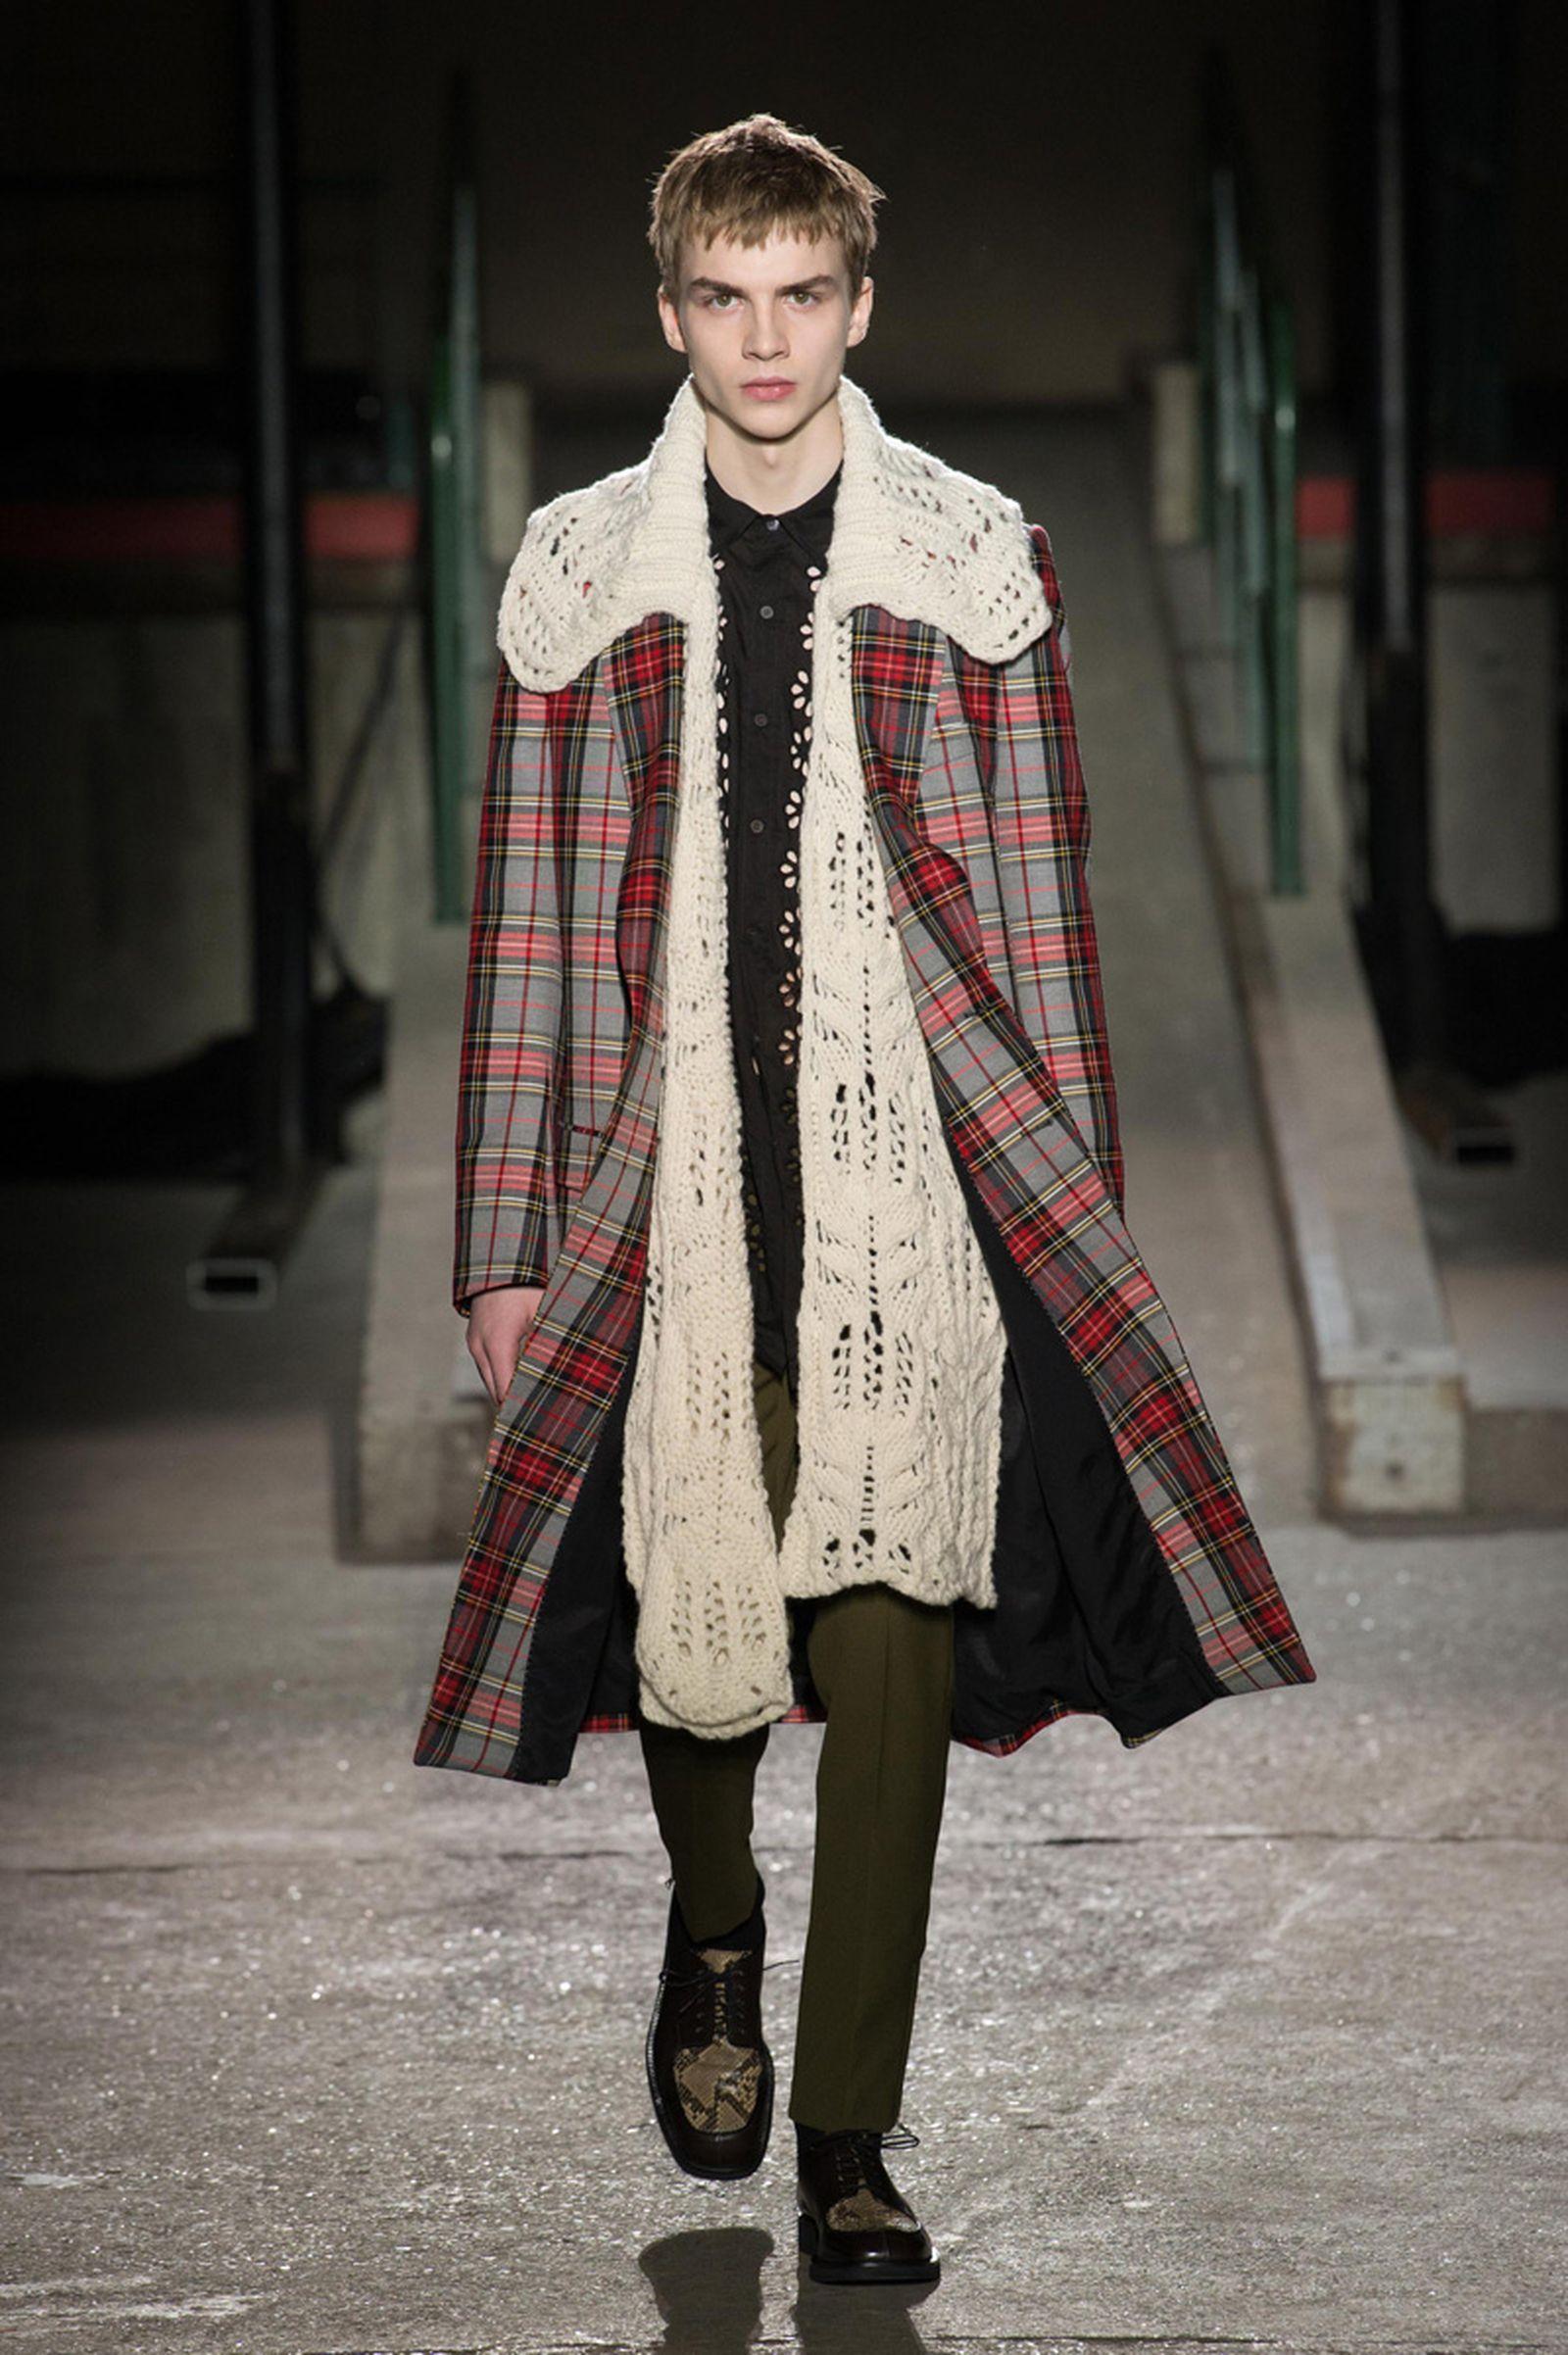 dries van noten AW18 19 look010 fashion week 2018 paris fashion week runway